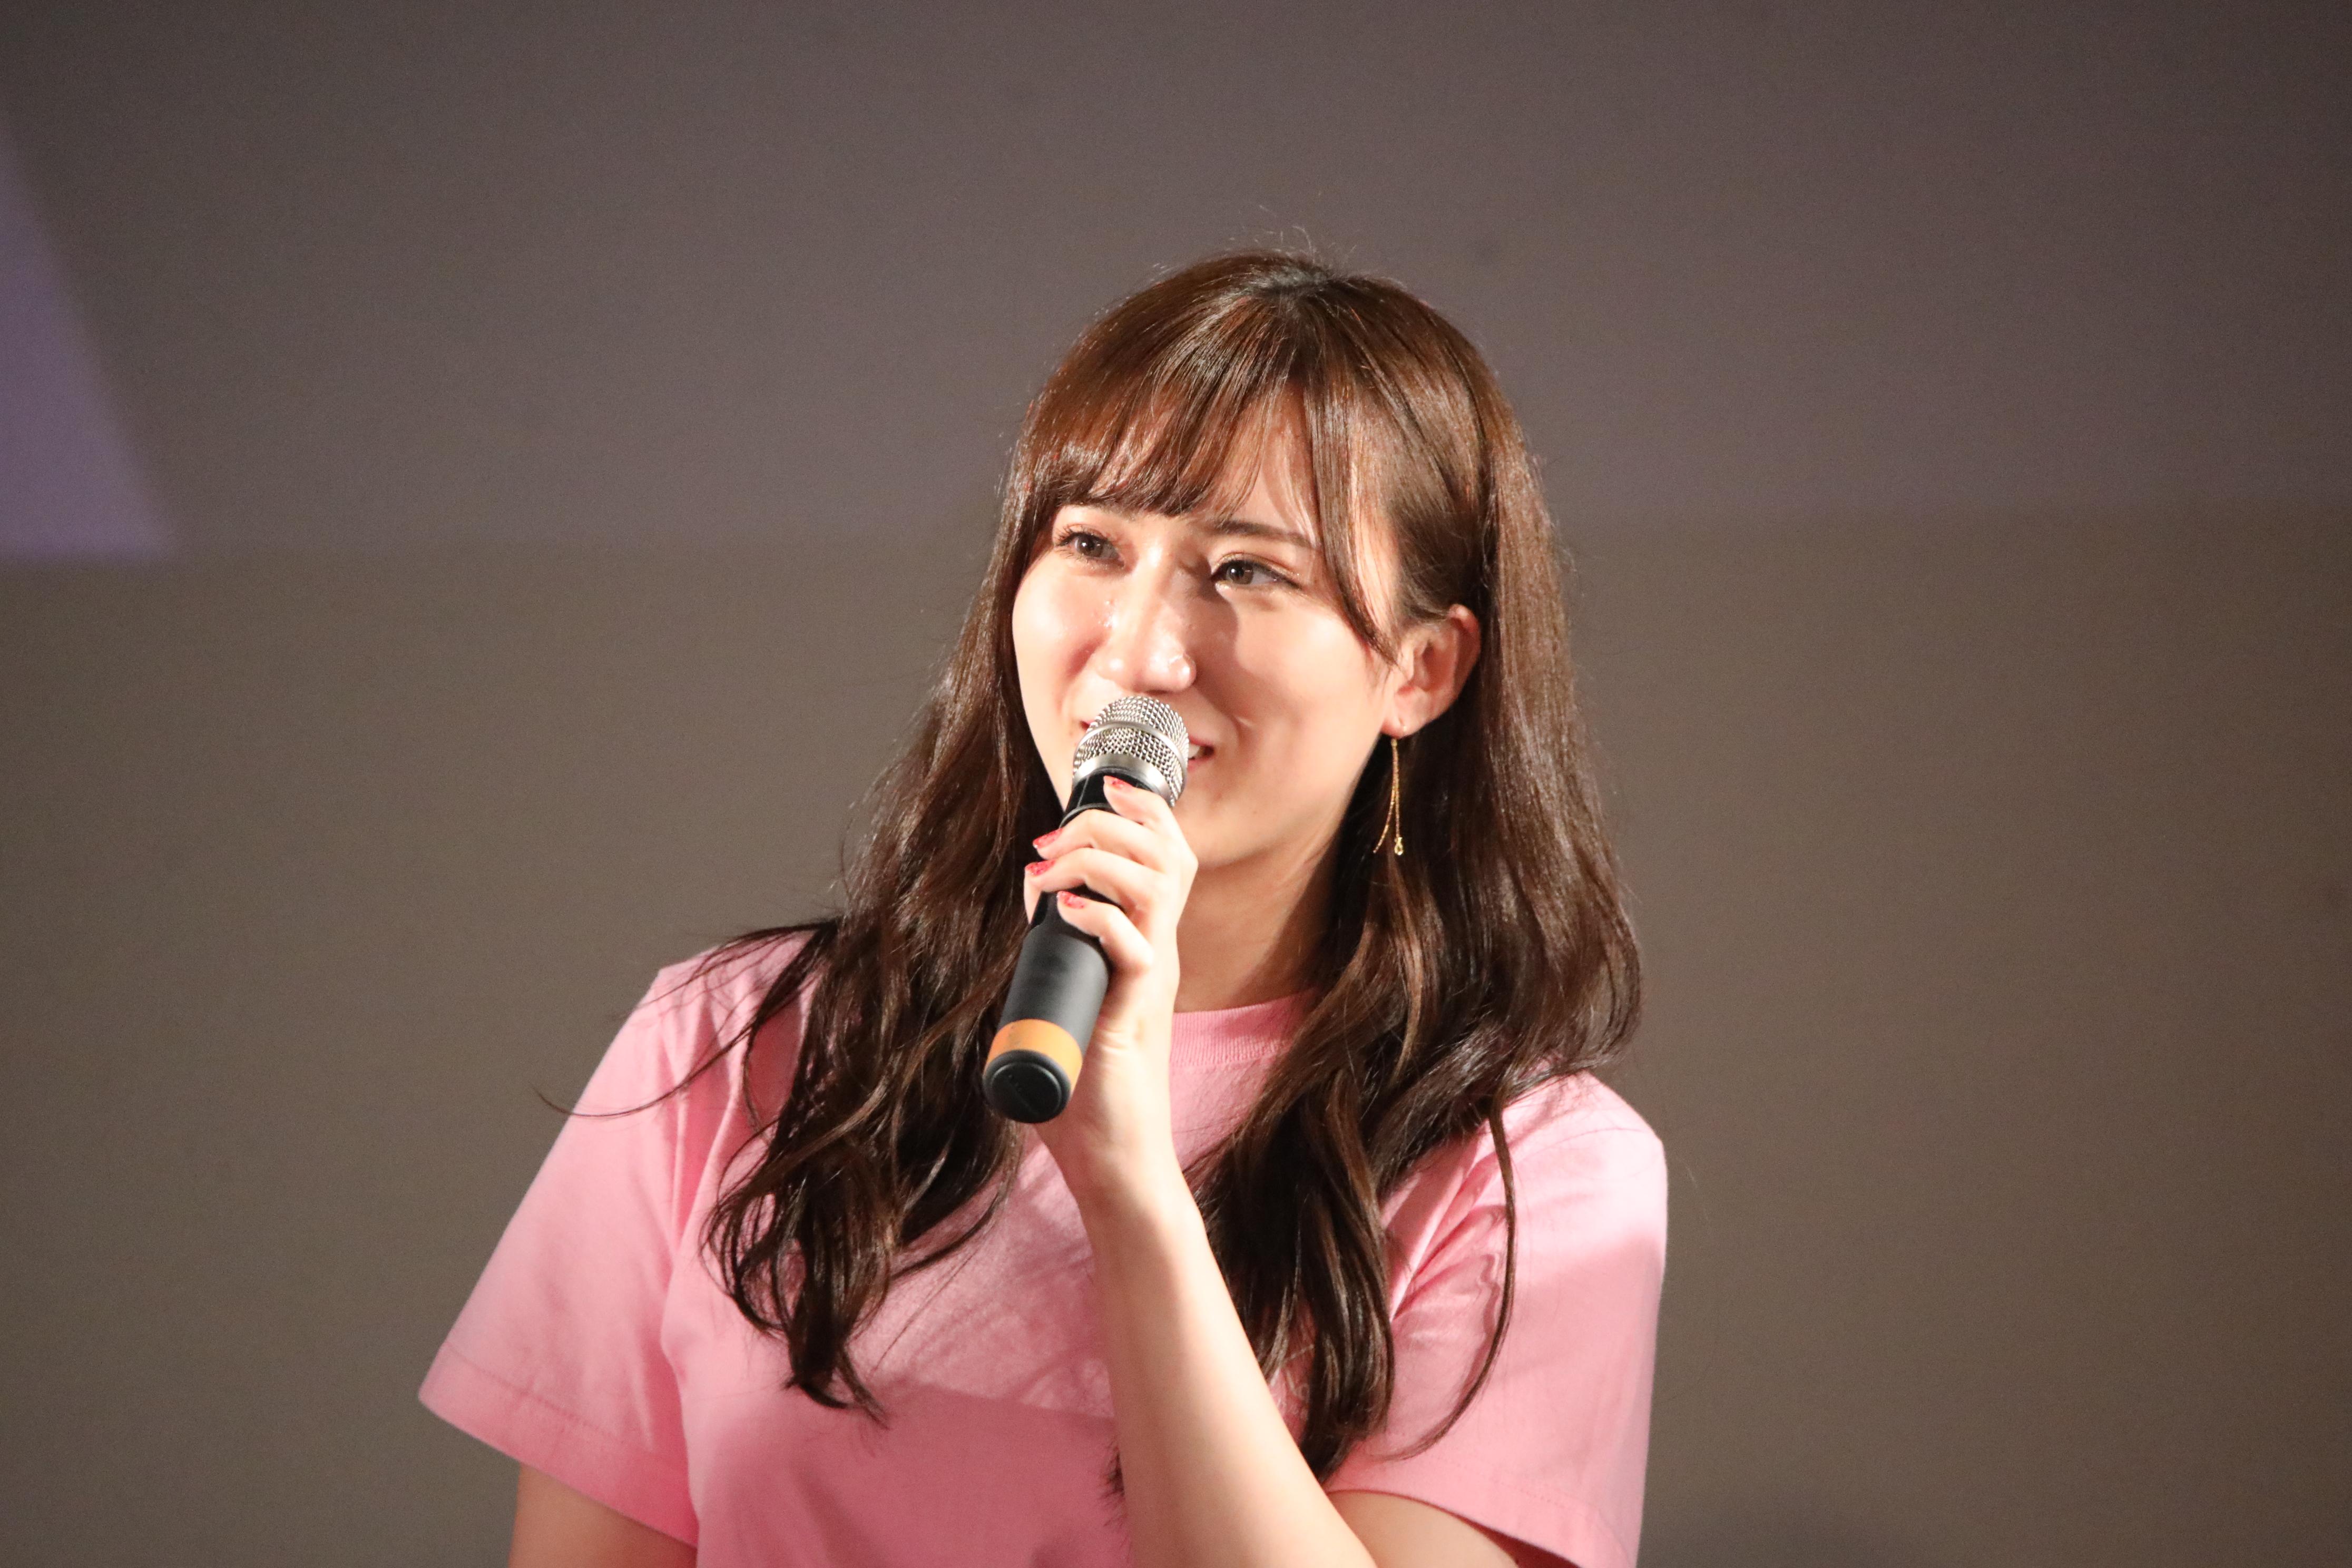 るりなスイーツ株式会社:西澤瑠莉奈社長(NMB48)